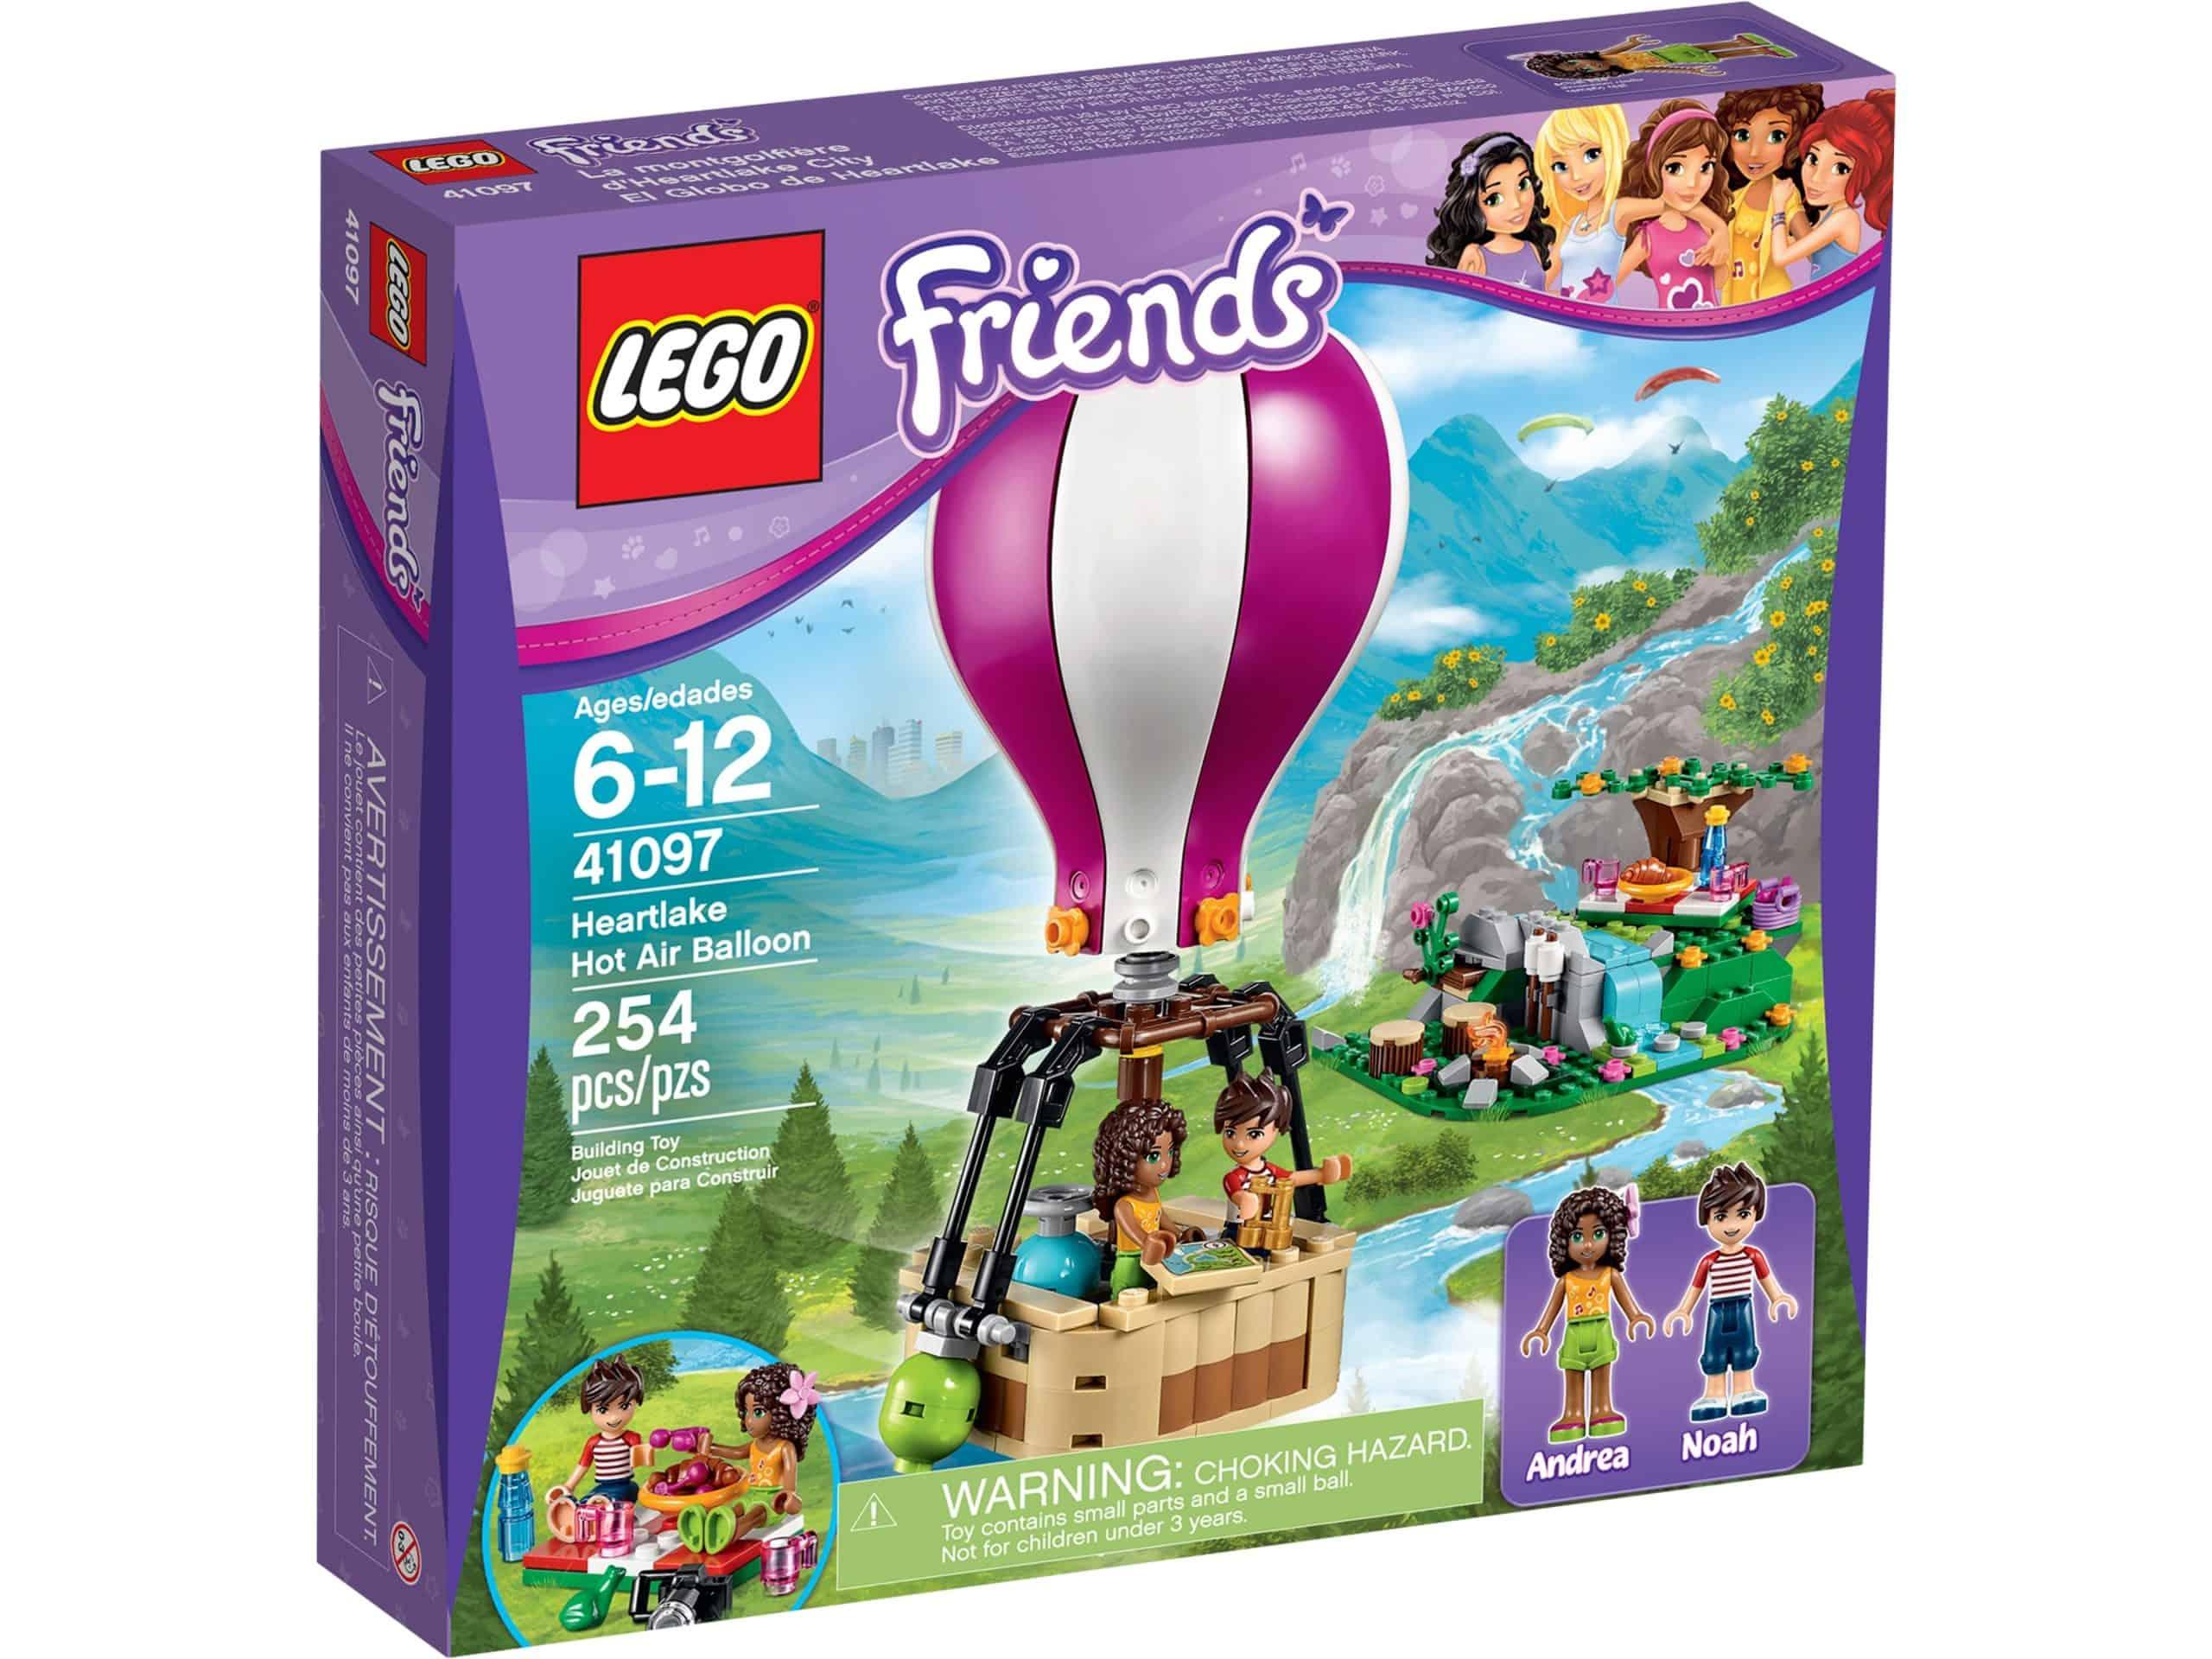 lego 41097 heartlake hot air balloon scaled